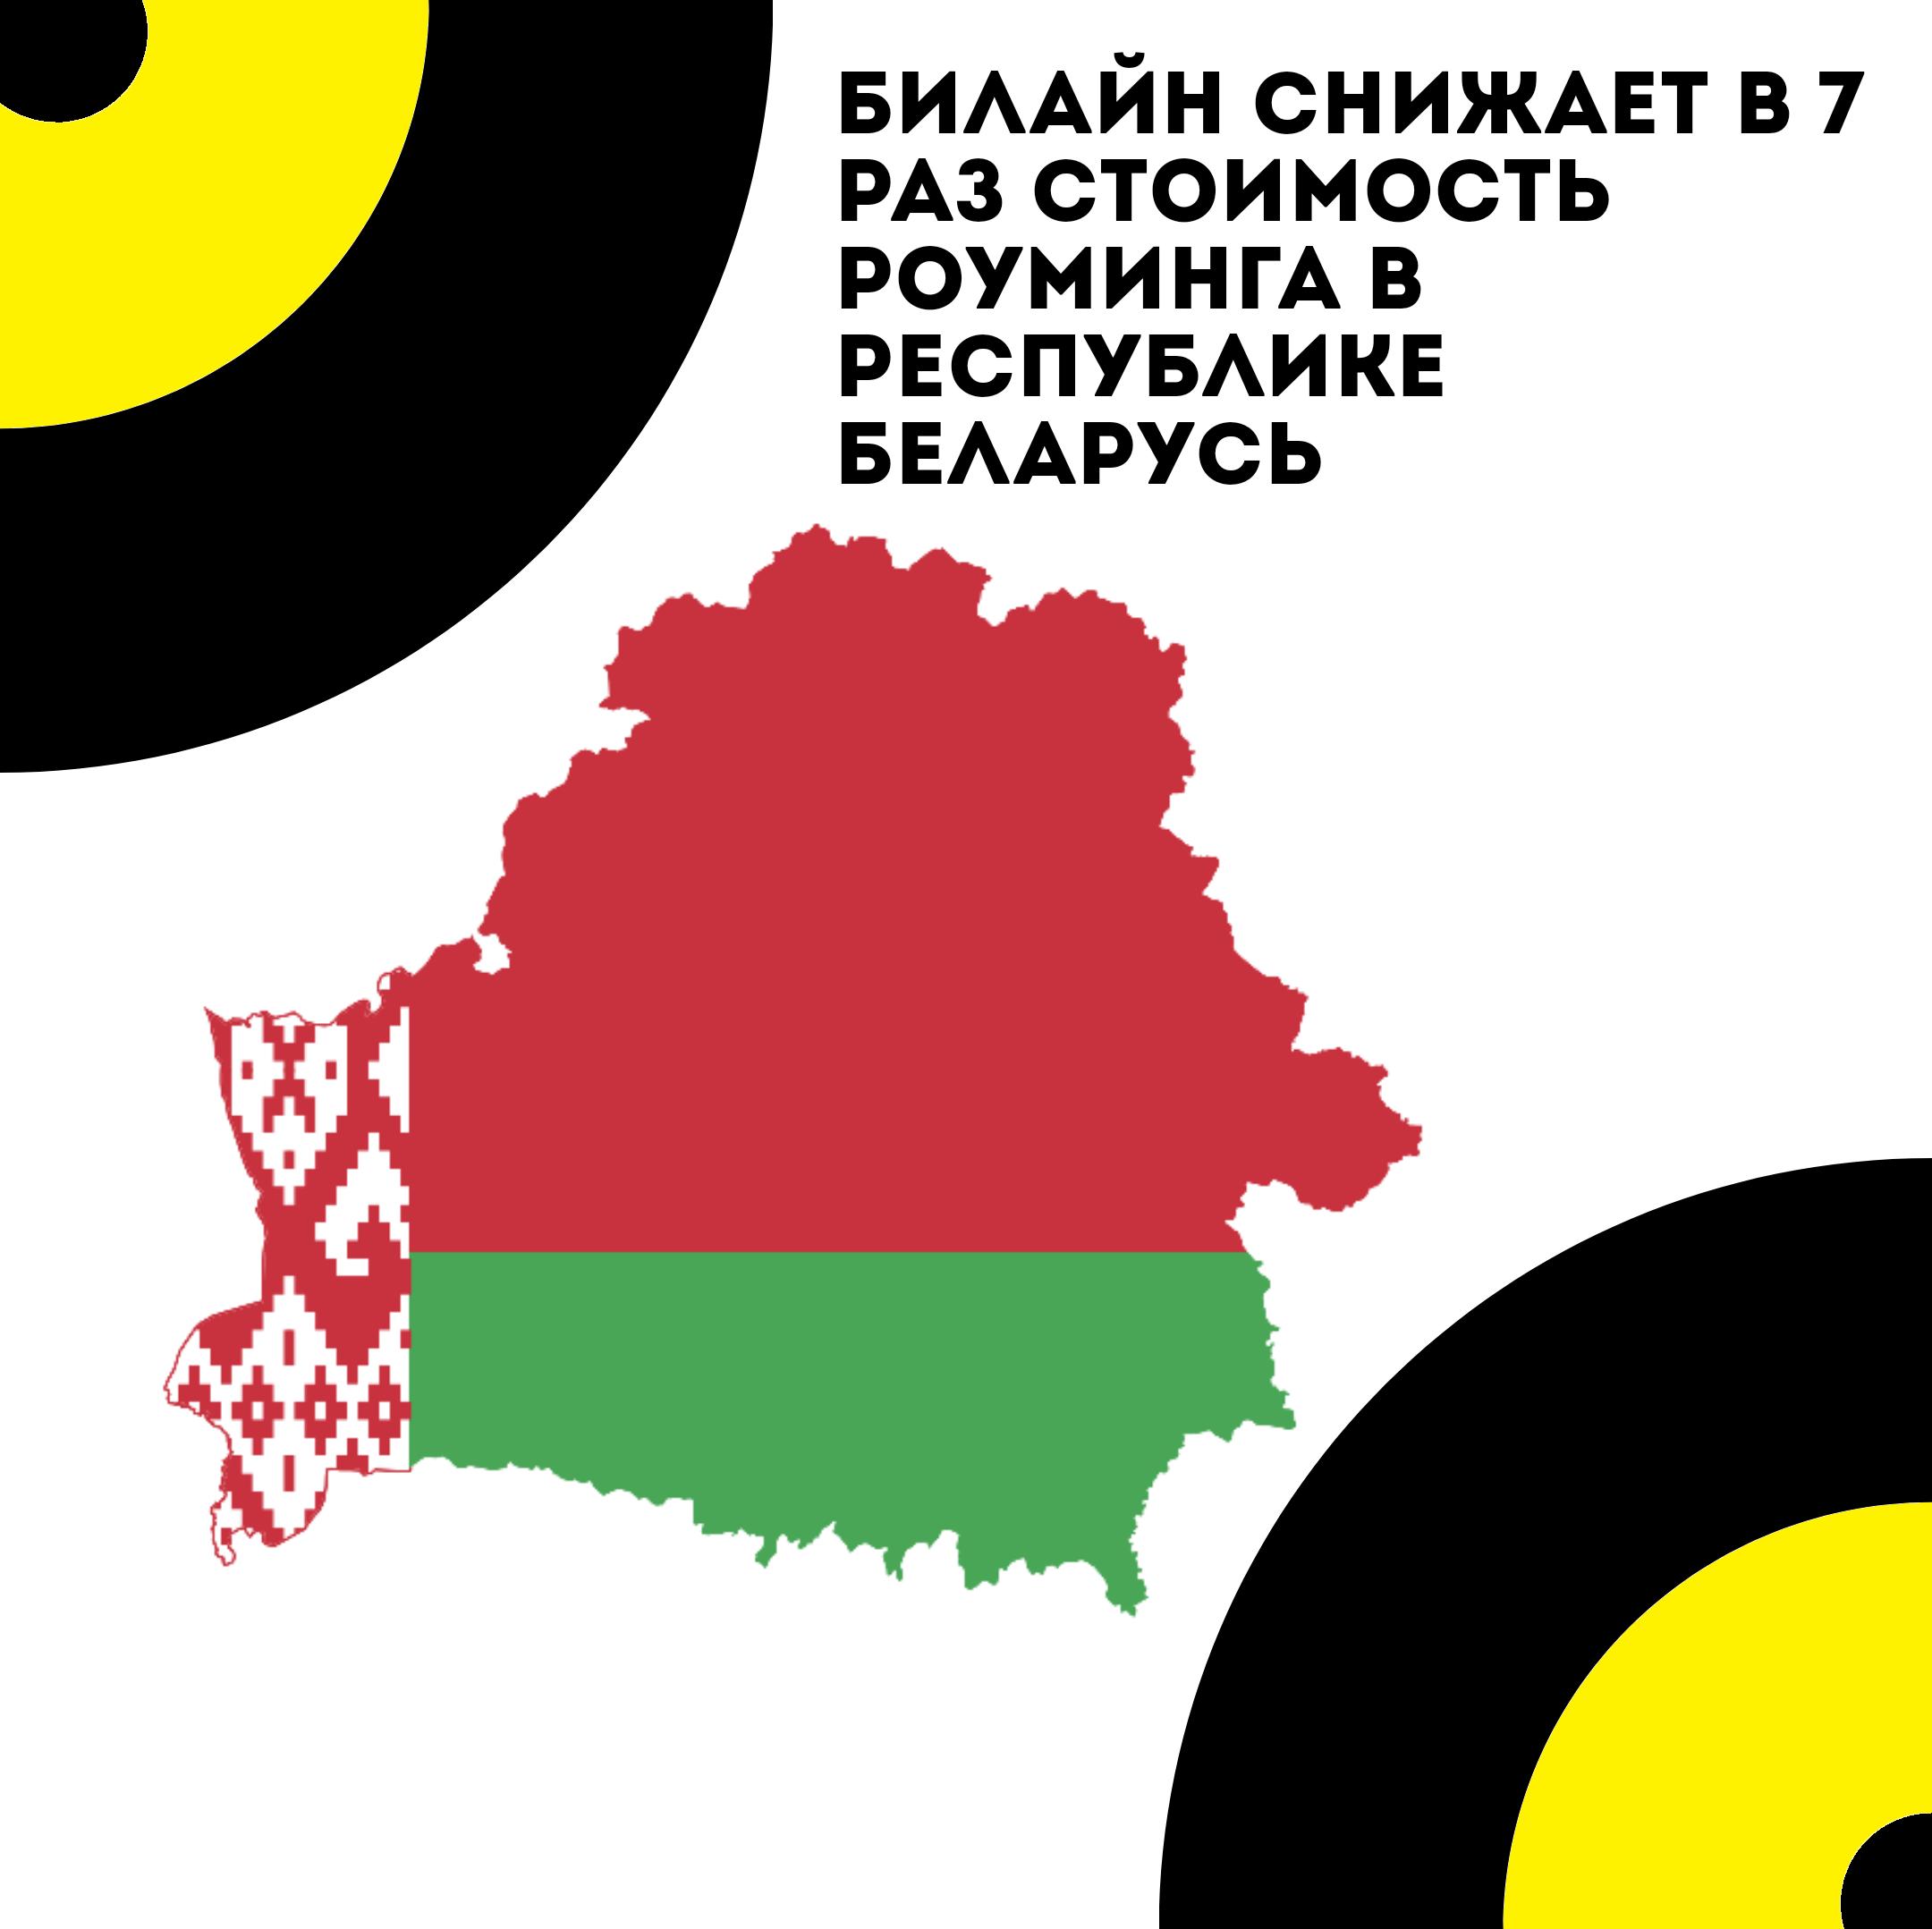 Билайн снижает в 7 раз стоимость роуминга в Республике Беларусь 1